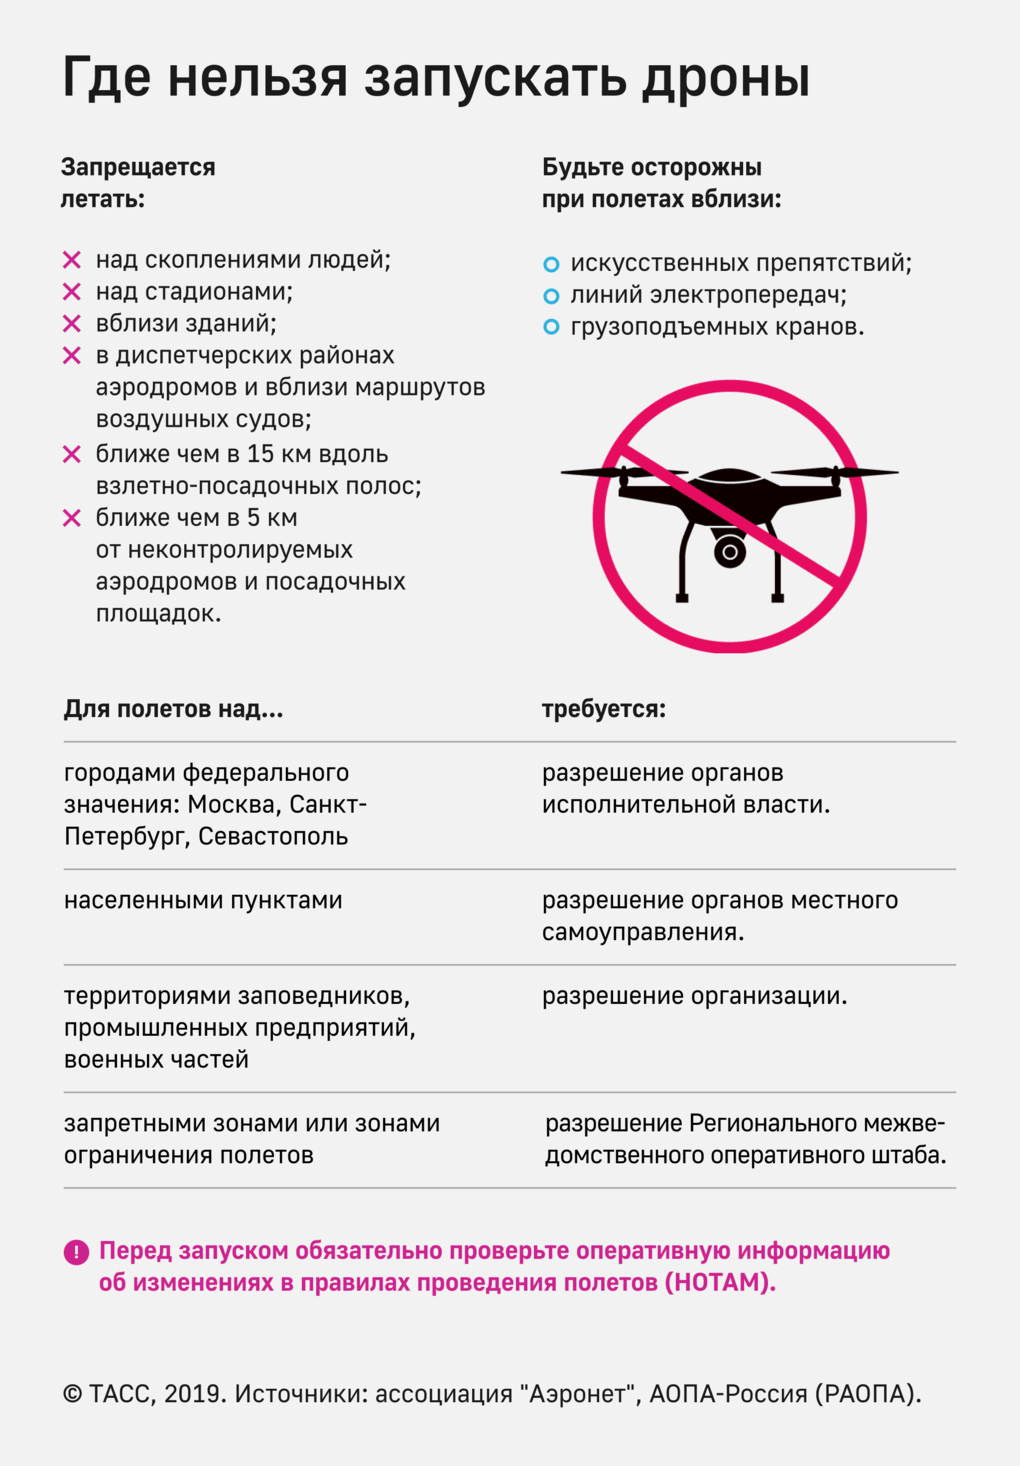 правила полетов дронов и квадрокоптеров